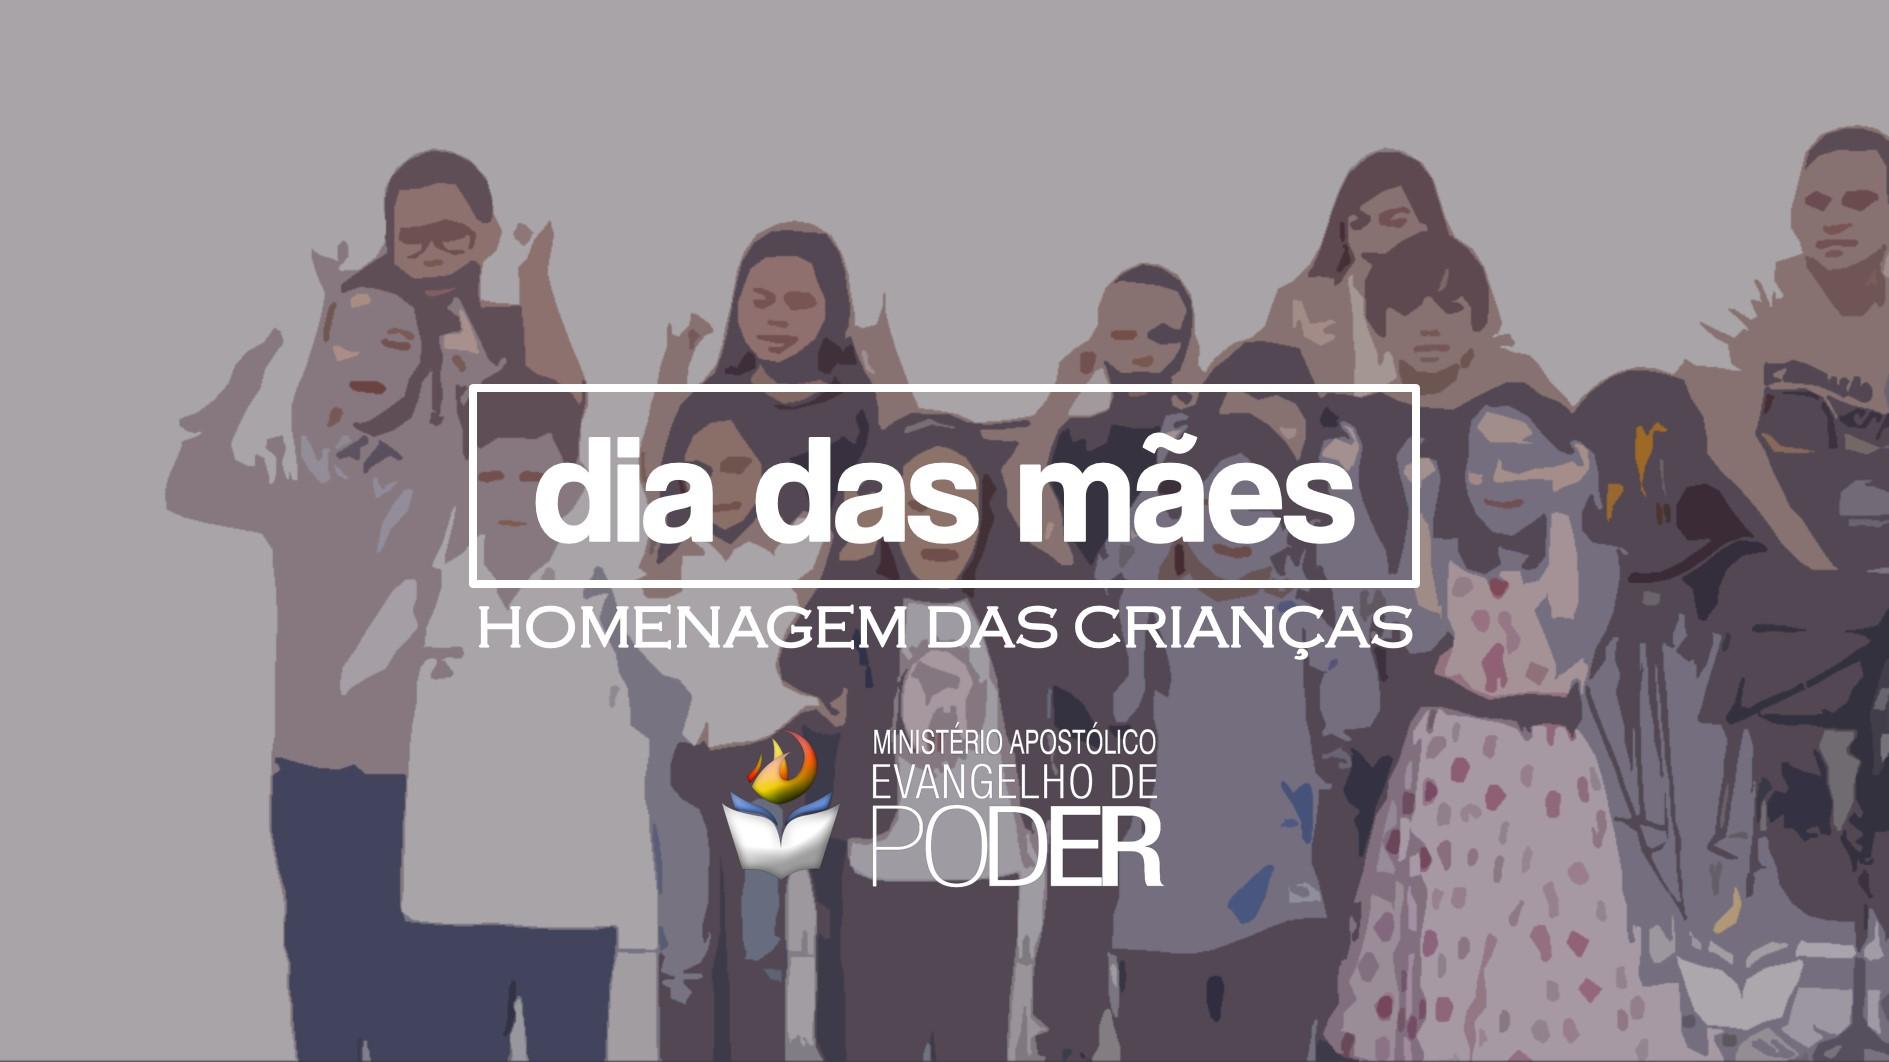 MÃE - UMA HOMENAGEM DAS CRIANÇAS 2017 - REDE RIA